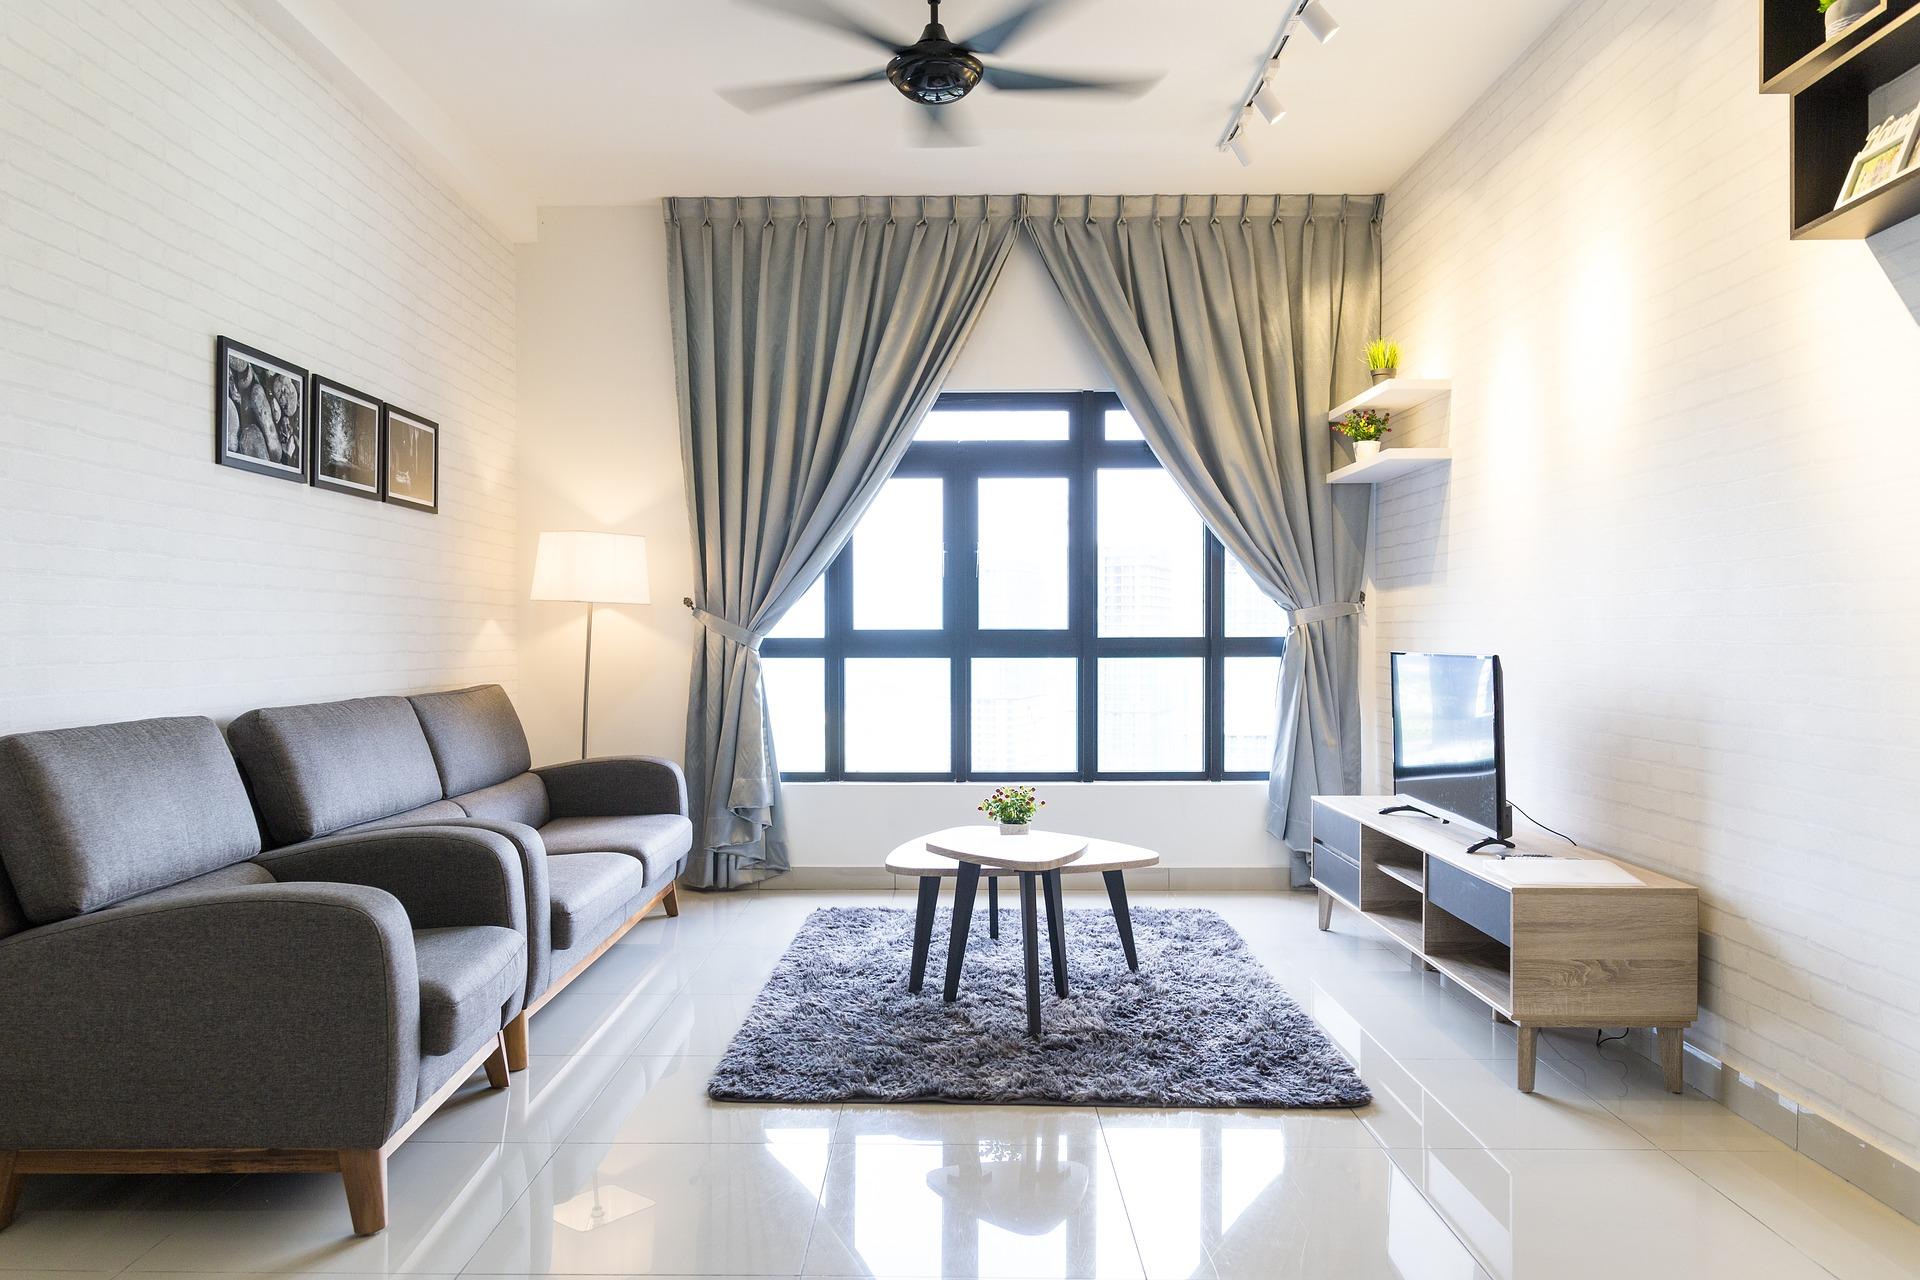 Obývák moderní interiér